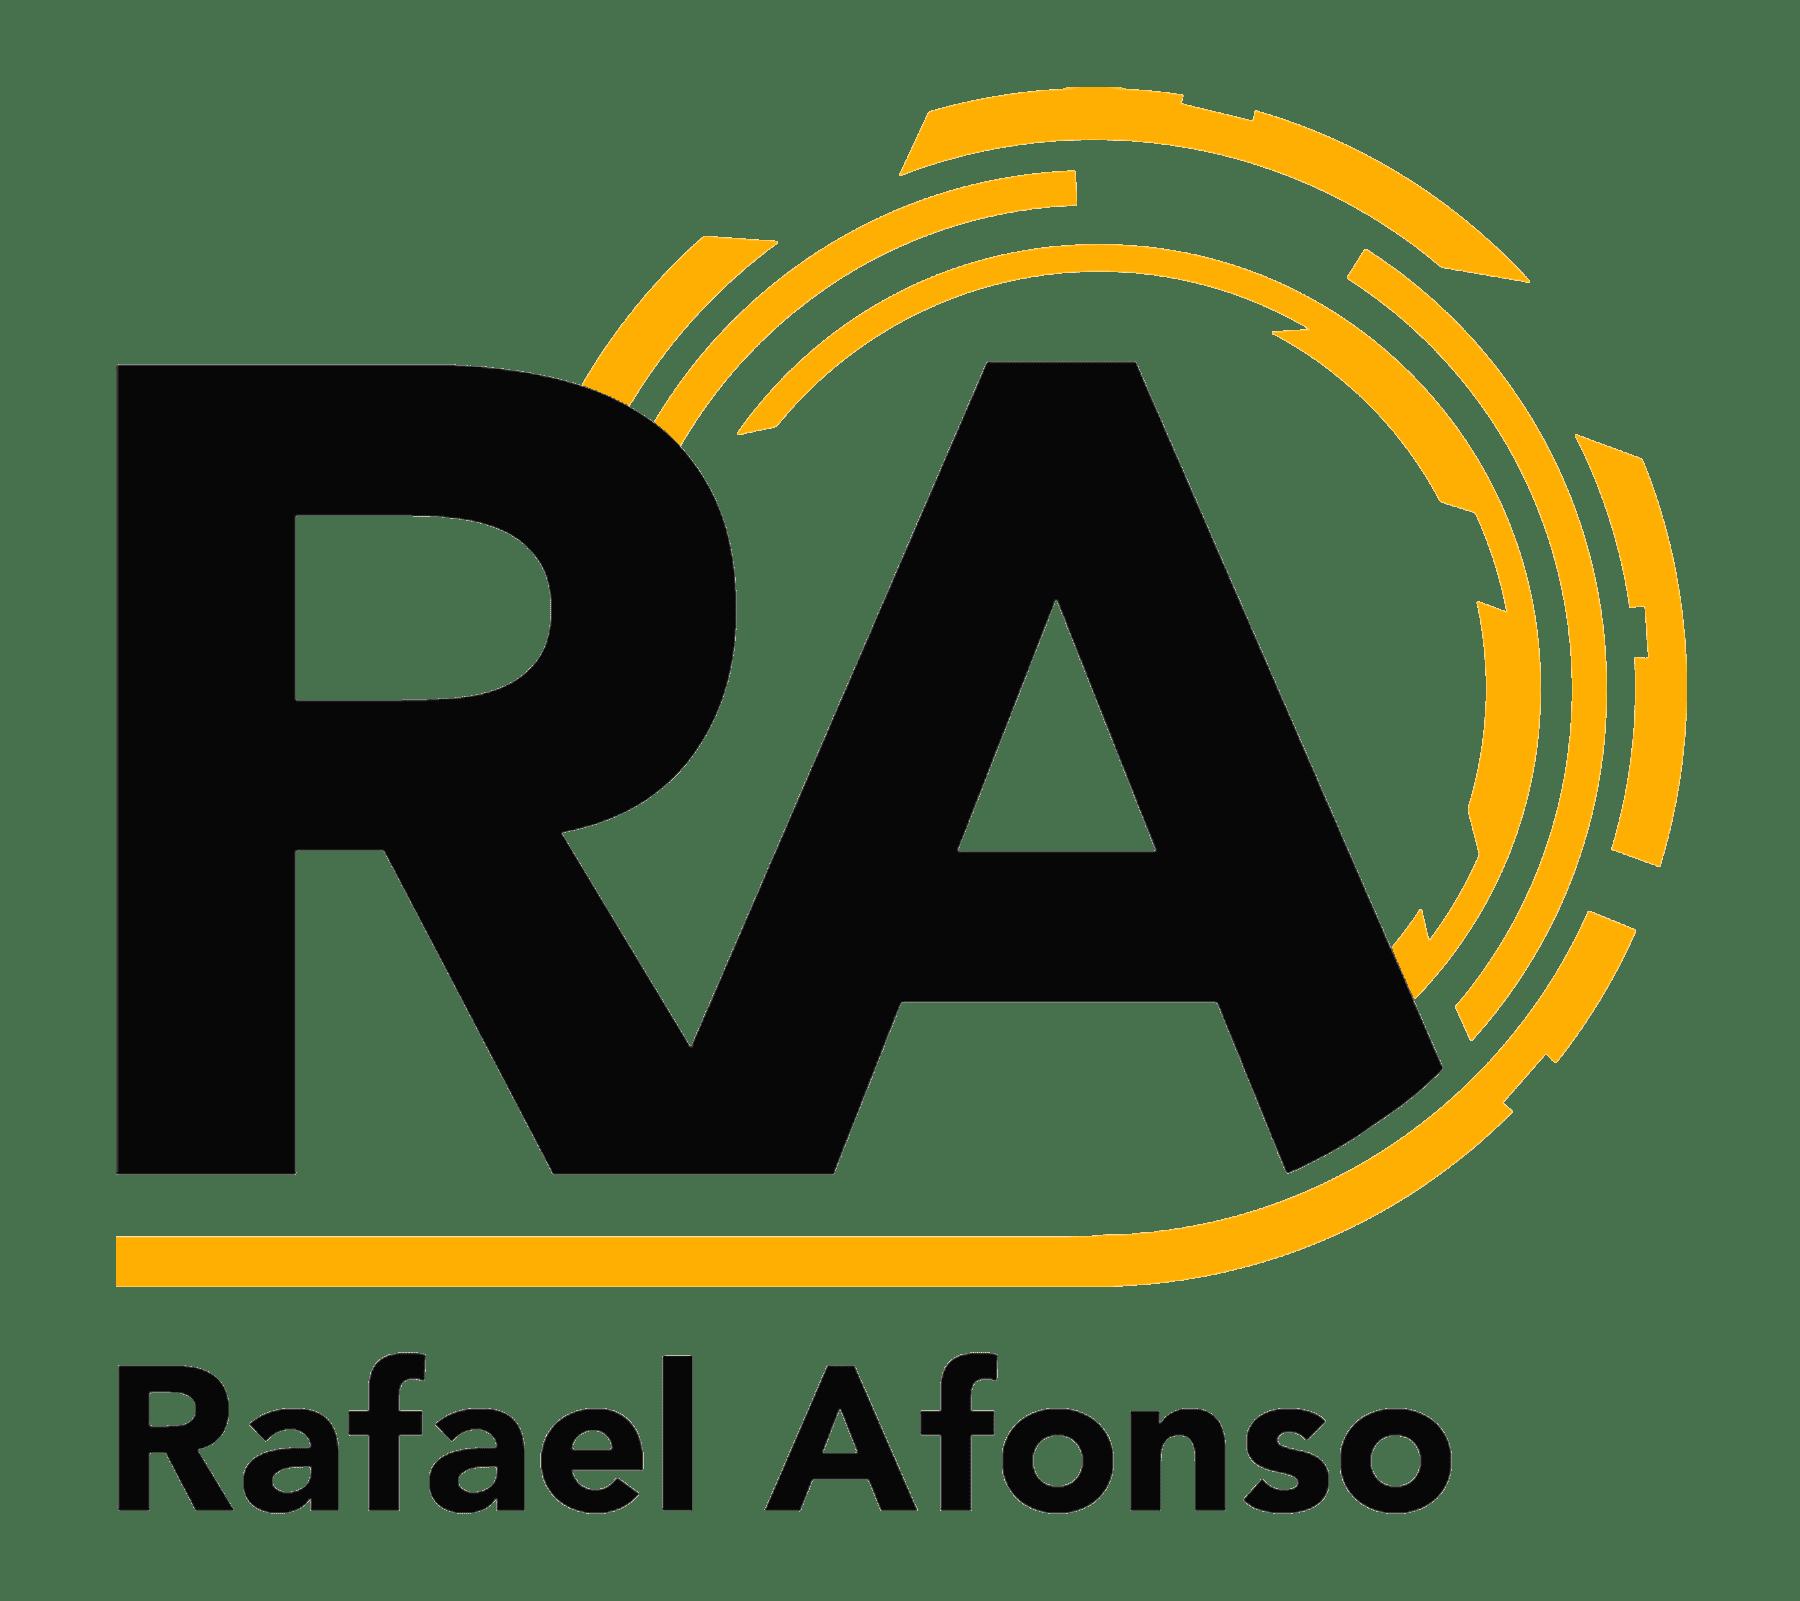 Rafael Afonso, Concesionario Oficial Renault y Dacia en Gran Canaria